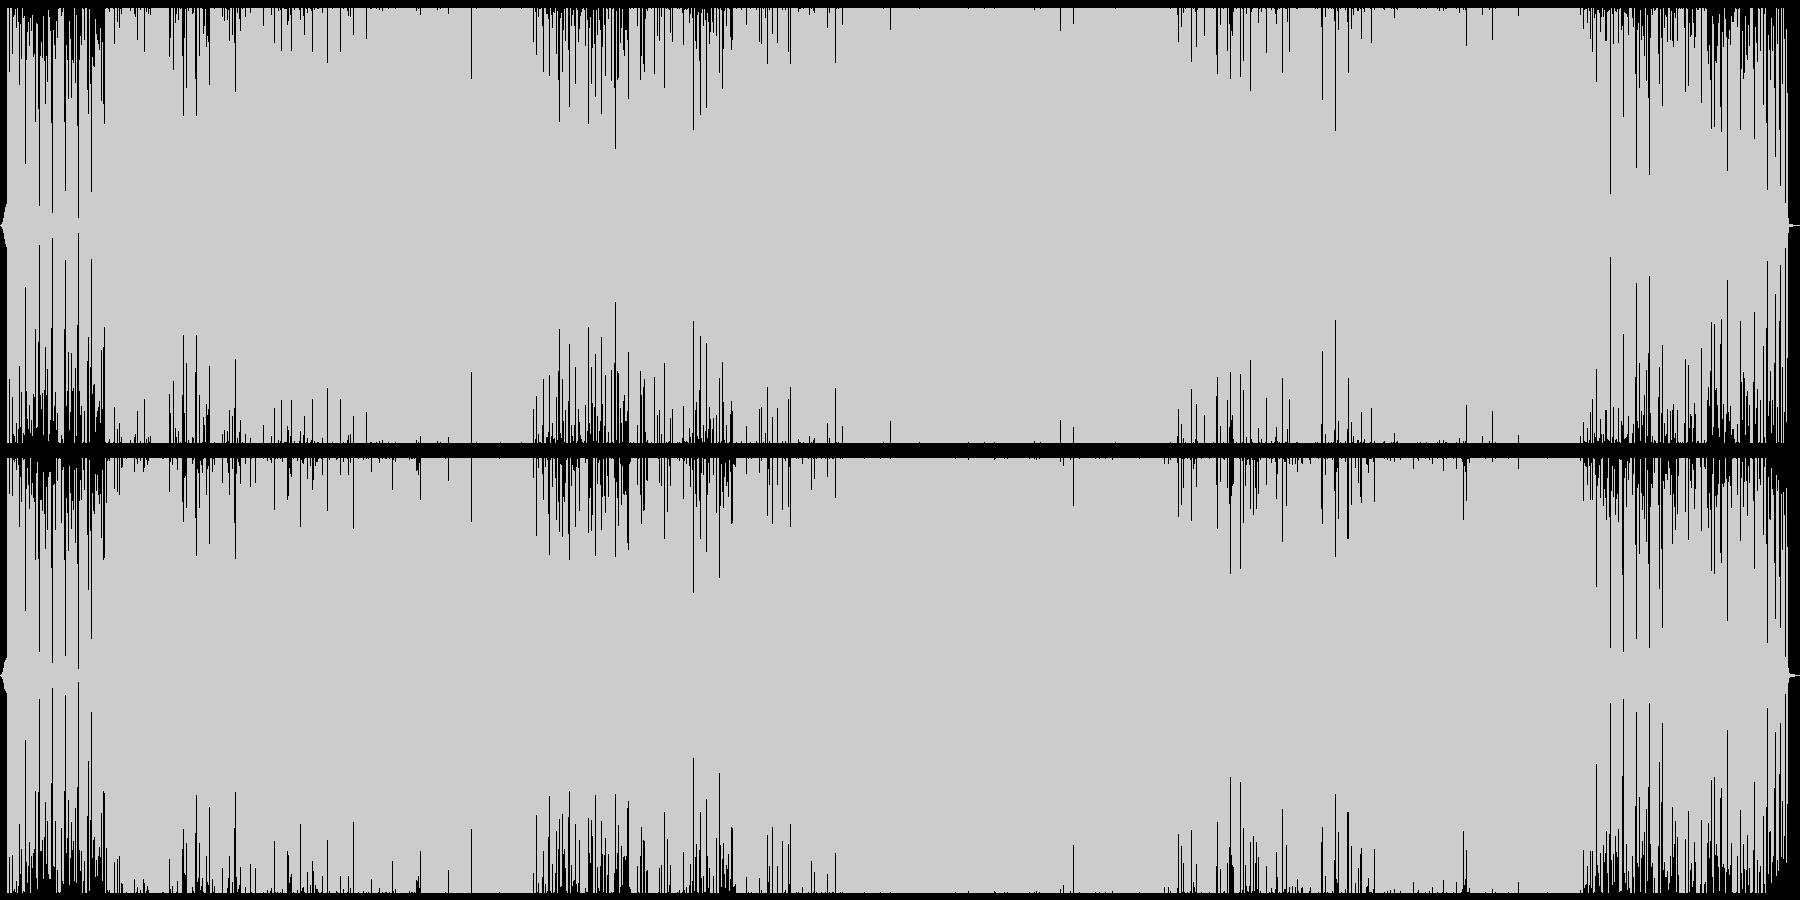 近未来的な女性ボーカルのエレクトロポップの未再生の波形